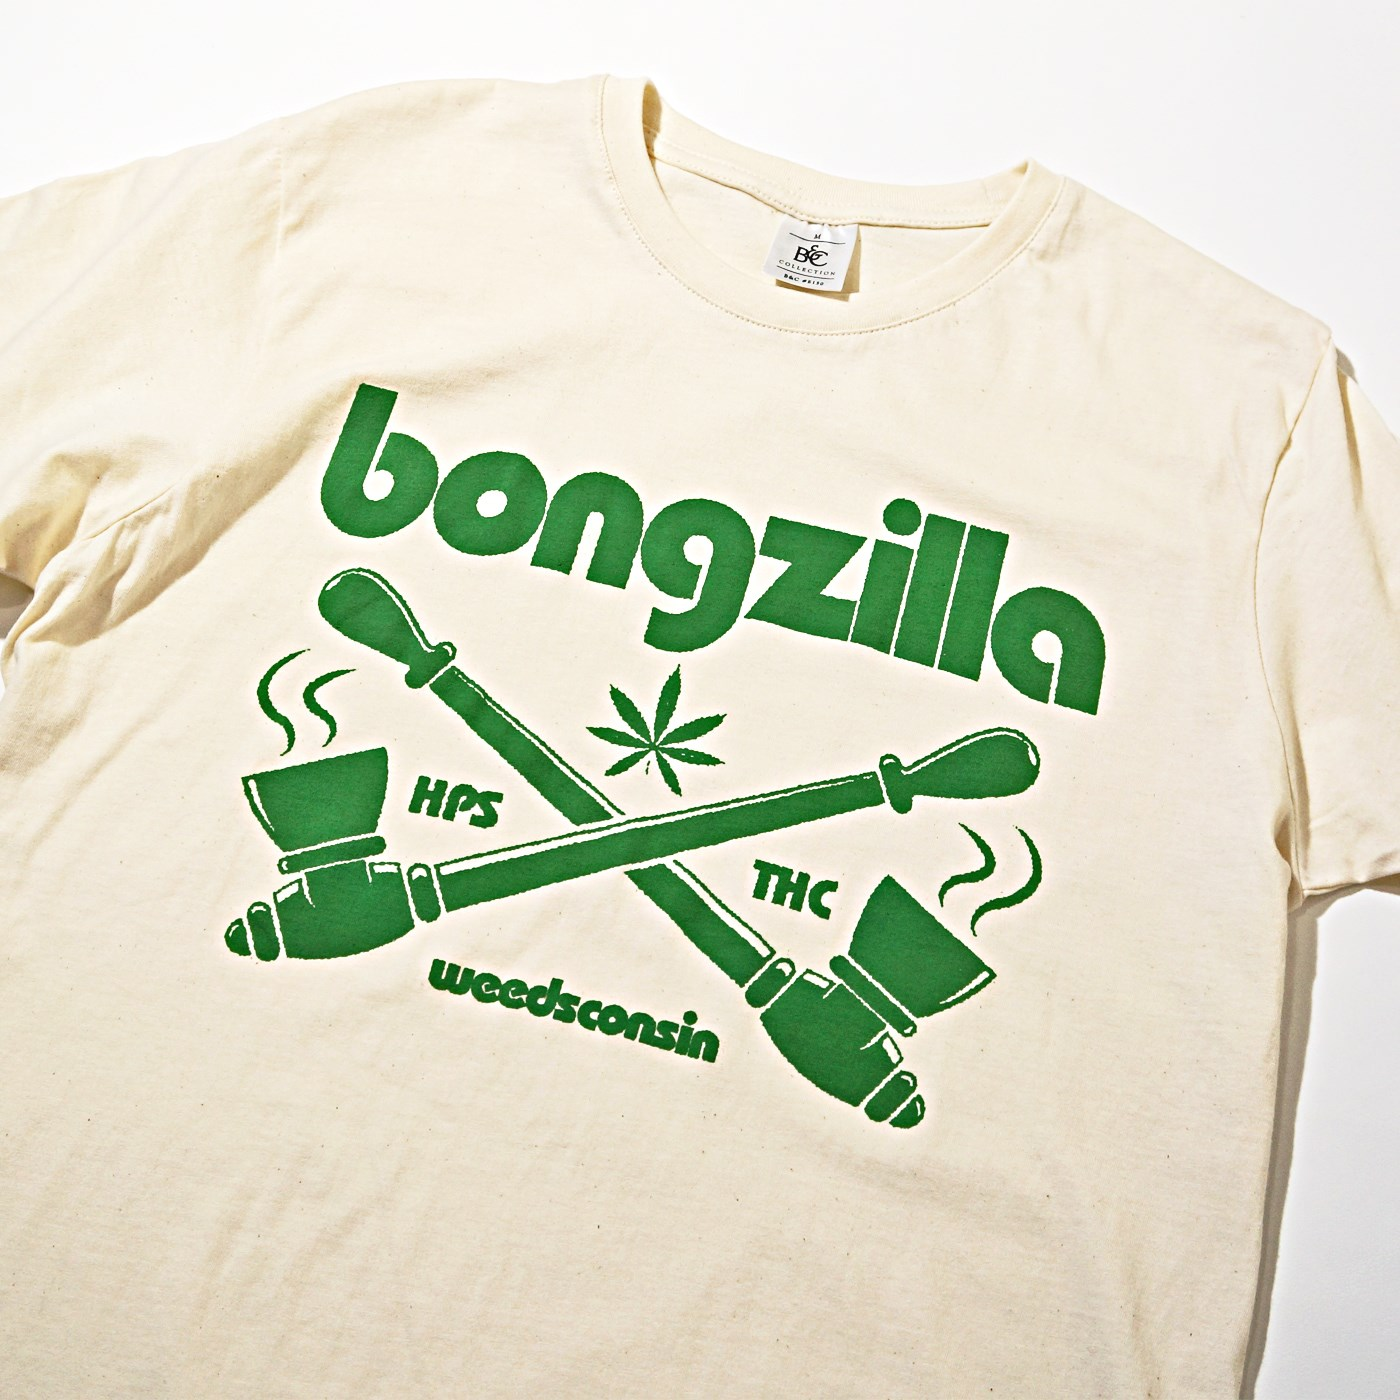 BONGZILLA Tシャツ Pipes-Natural/Green